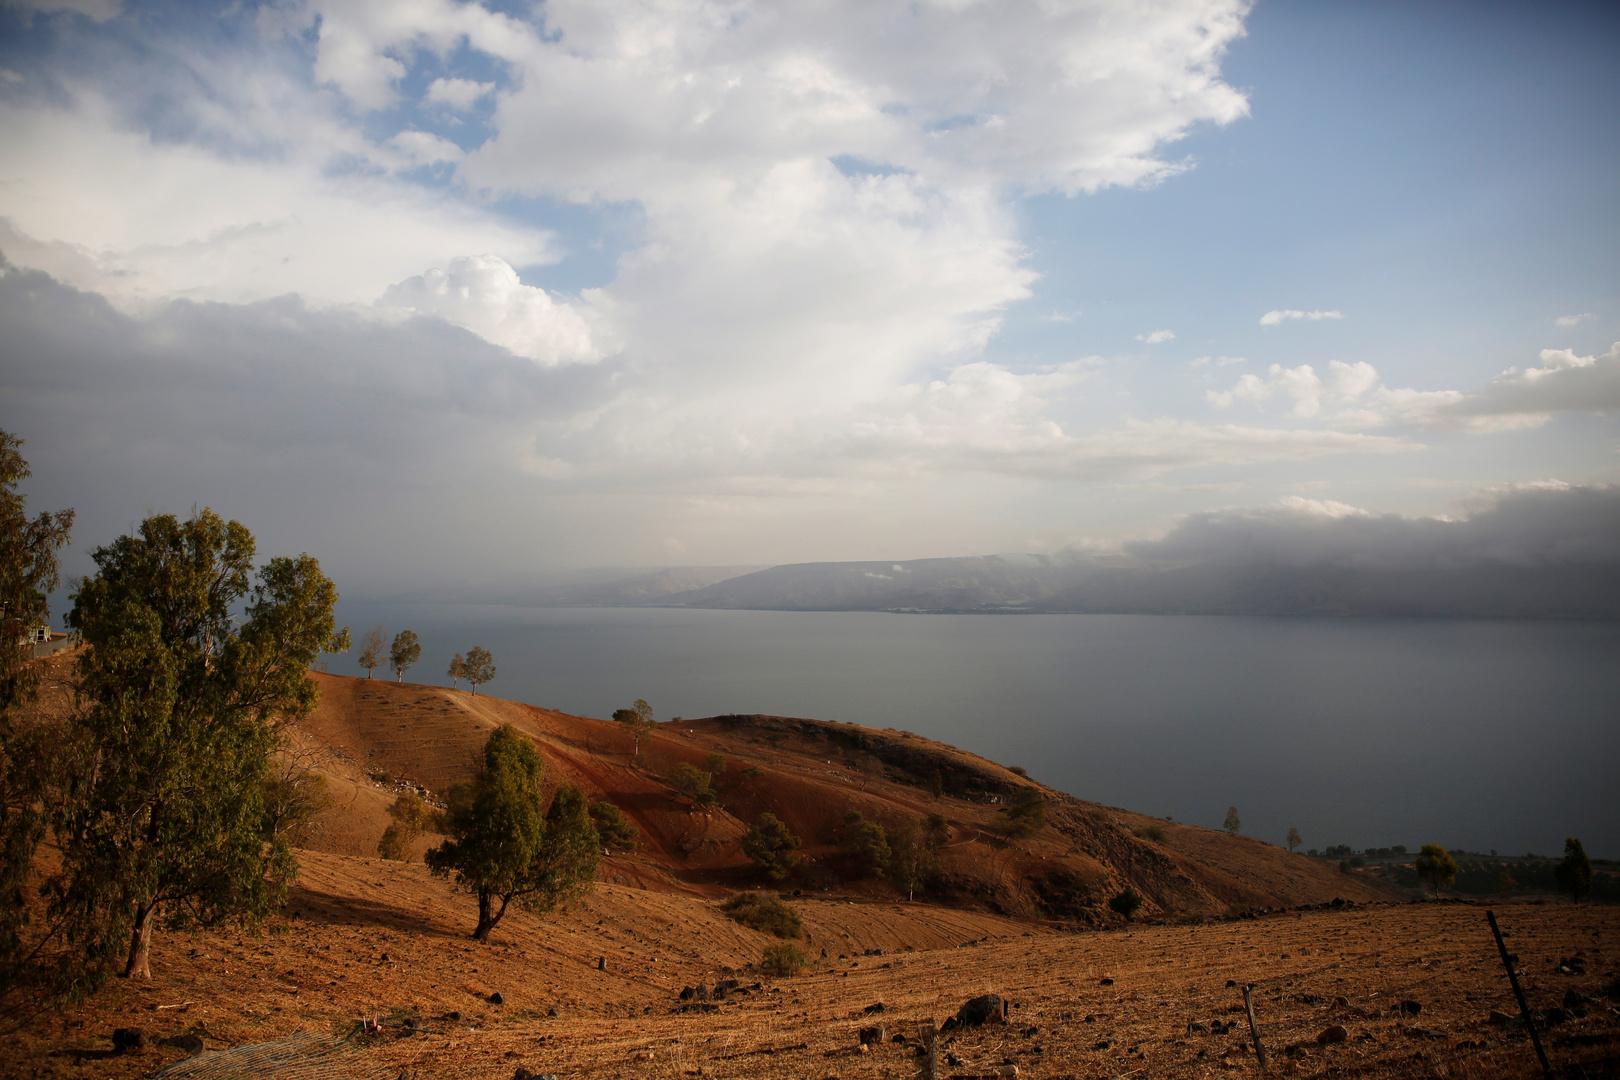 مخزون المياه العذبة في إسرائيل يصل أعلى مستوى له منذ 23 عاما